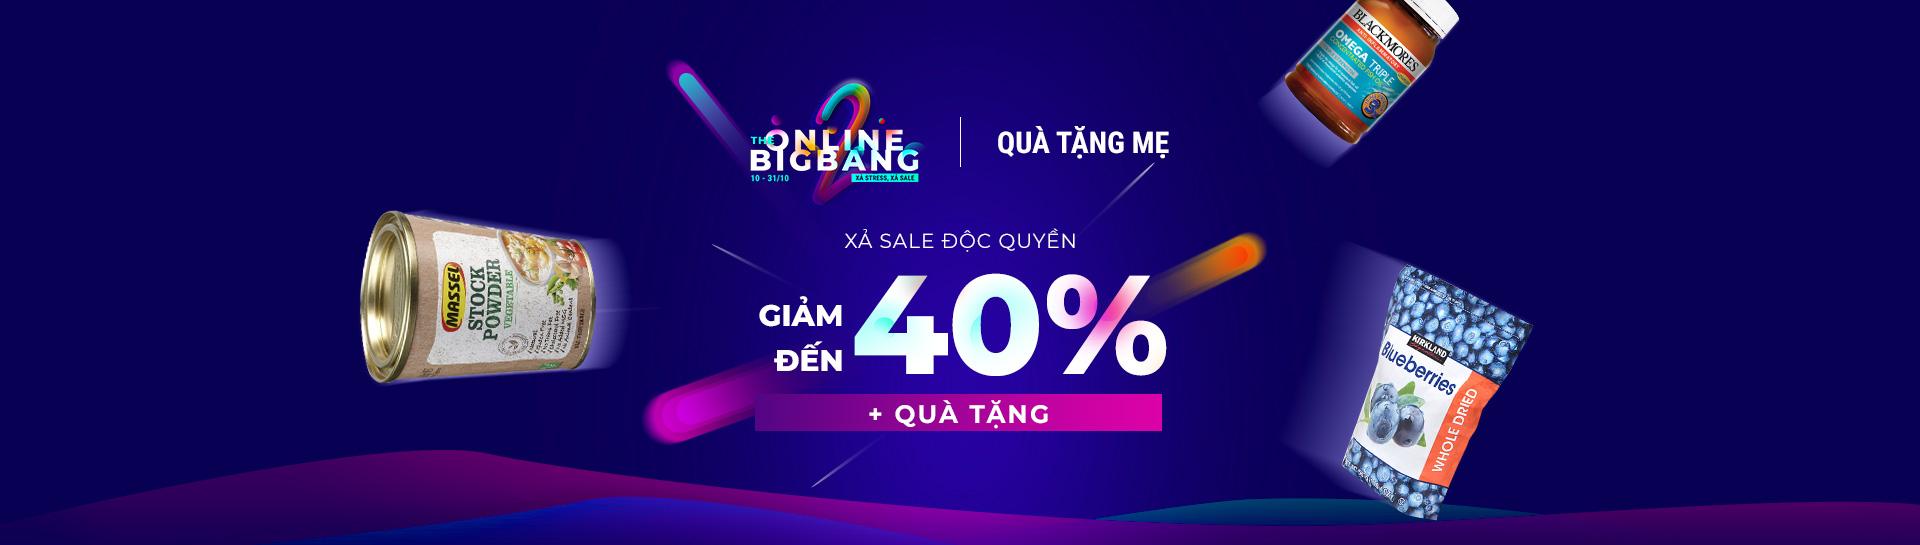 Hình ảnh Quà Tặng Mẹ - Giảm giá đến 40% + Gift with purchase